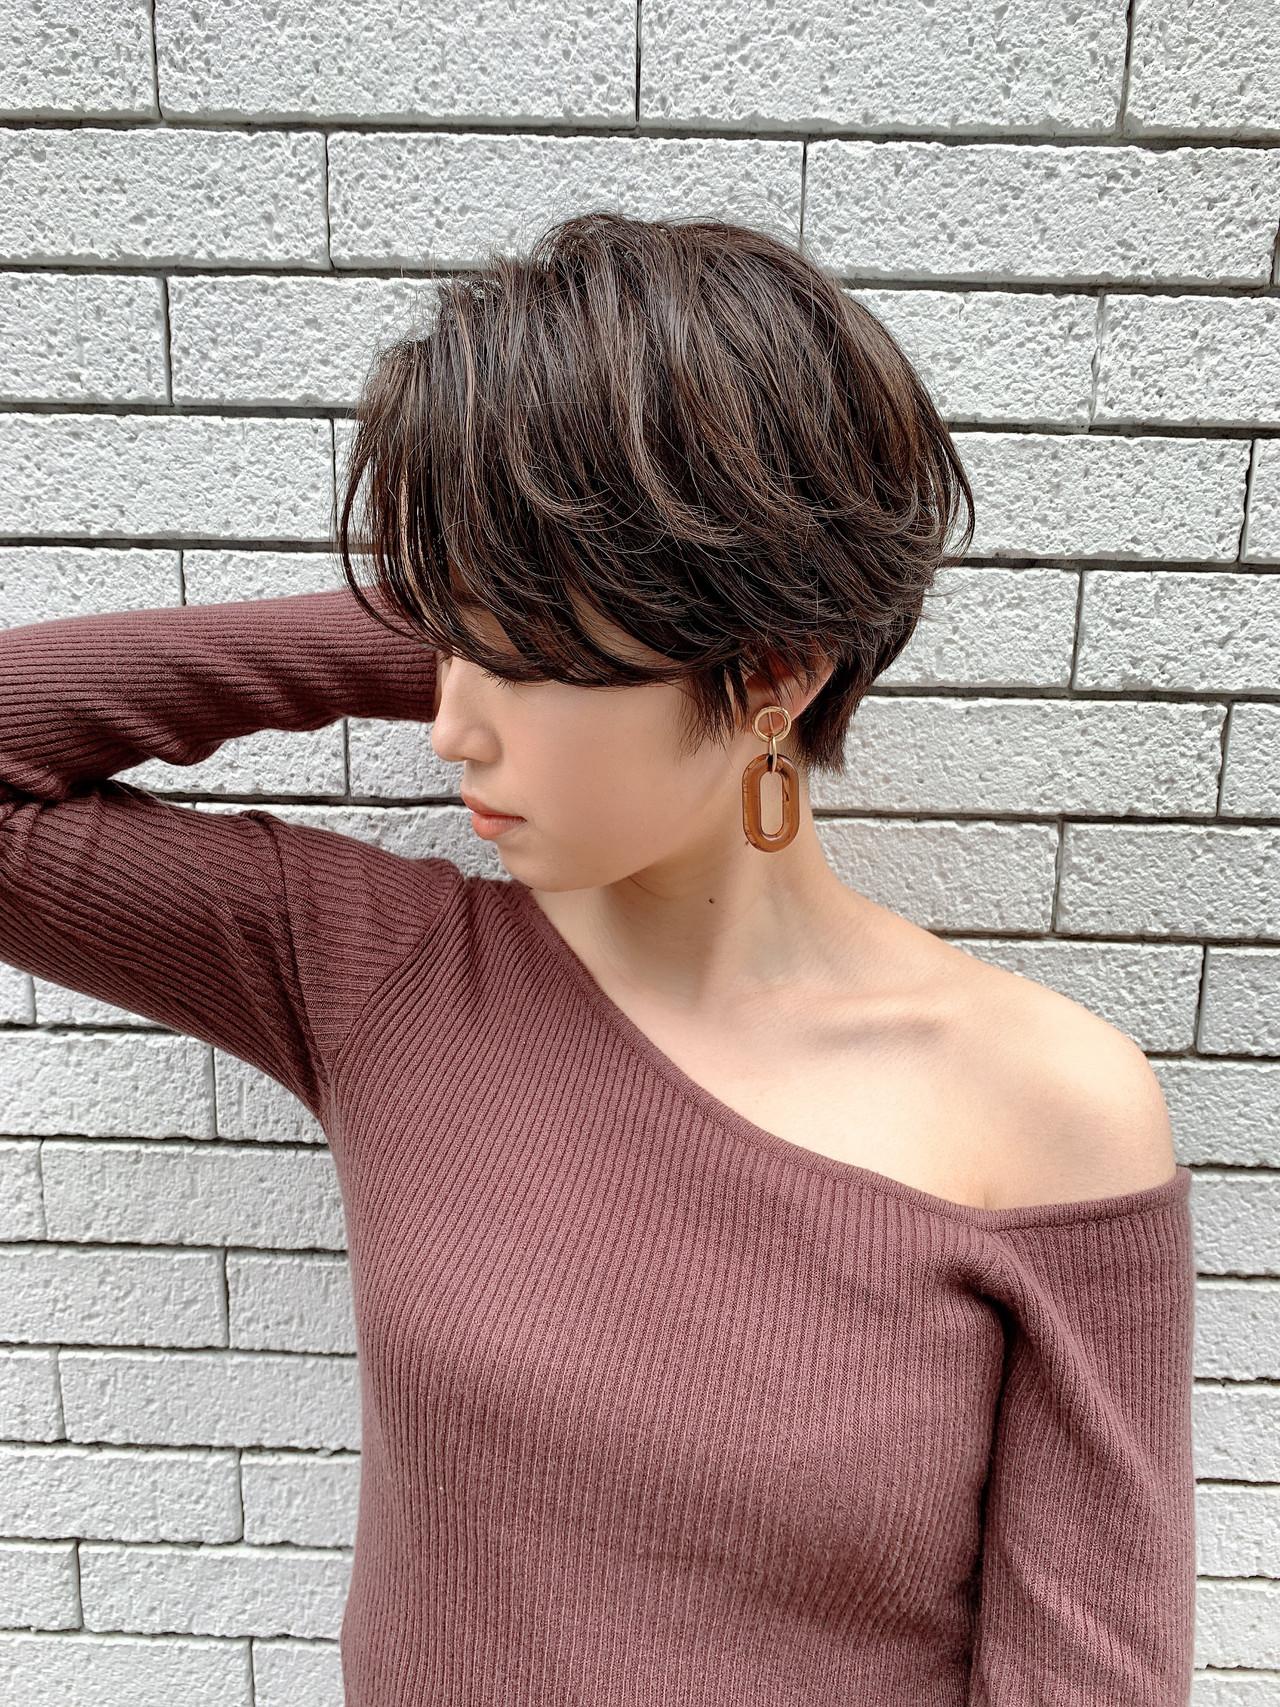 ナチュラル ショート 横顔美人 小顔ヘア ヘアスタイルや髪型の写真・画像   山口 健太 / Lond ange